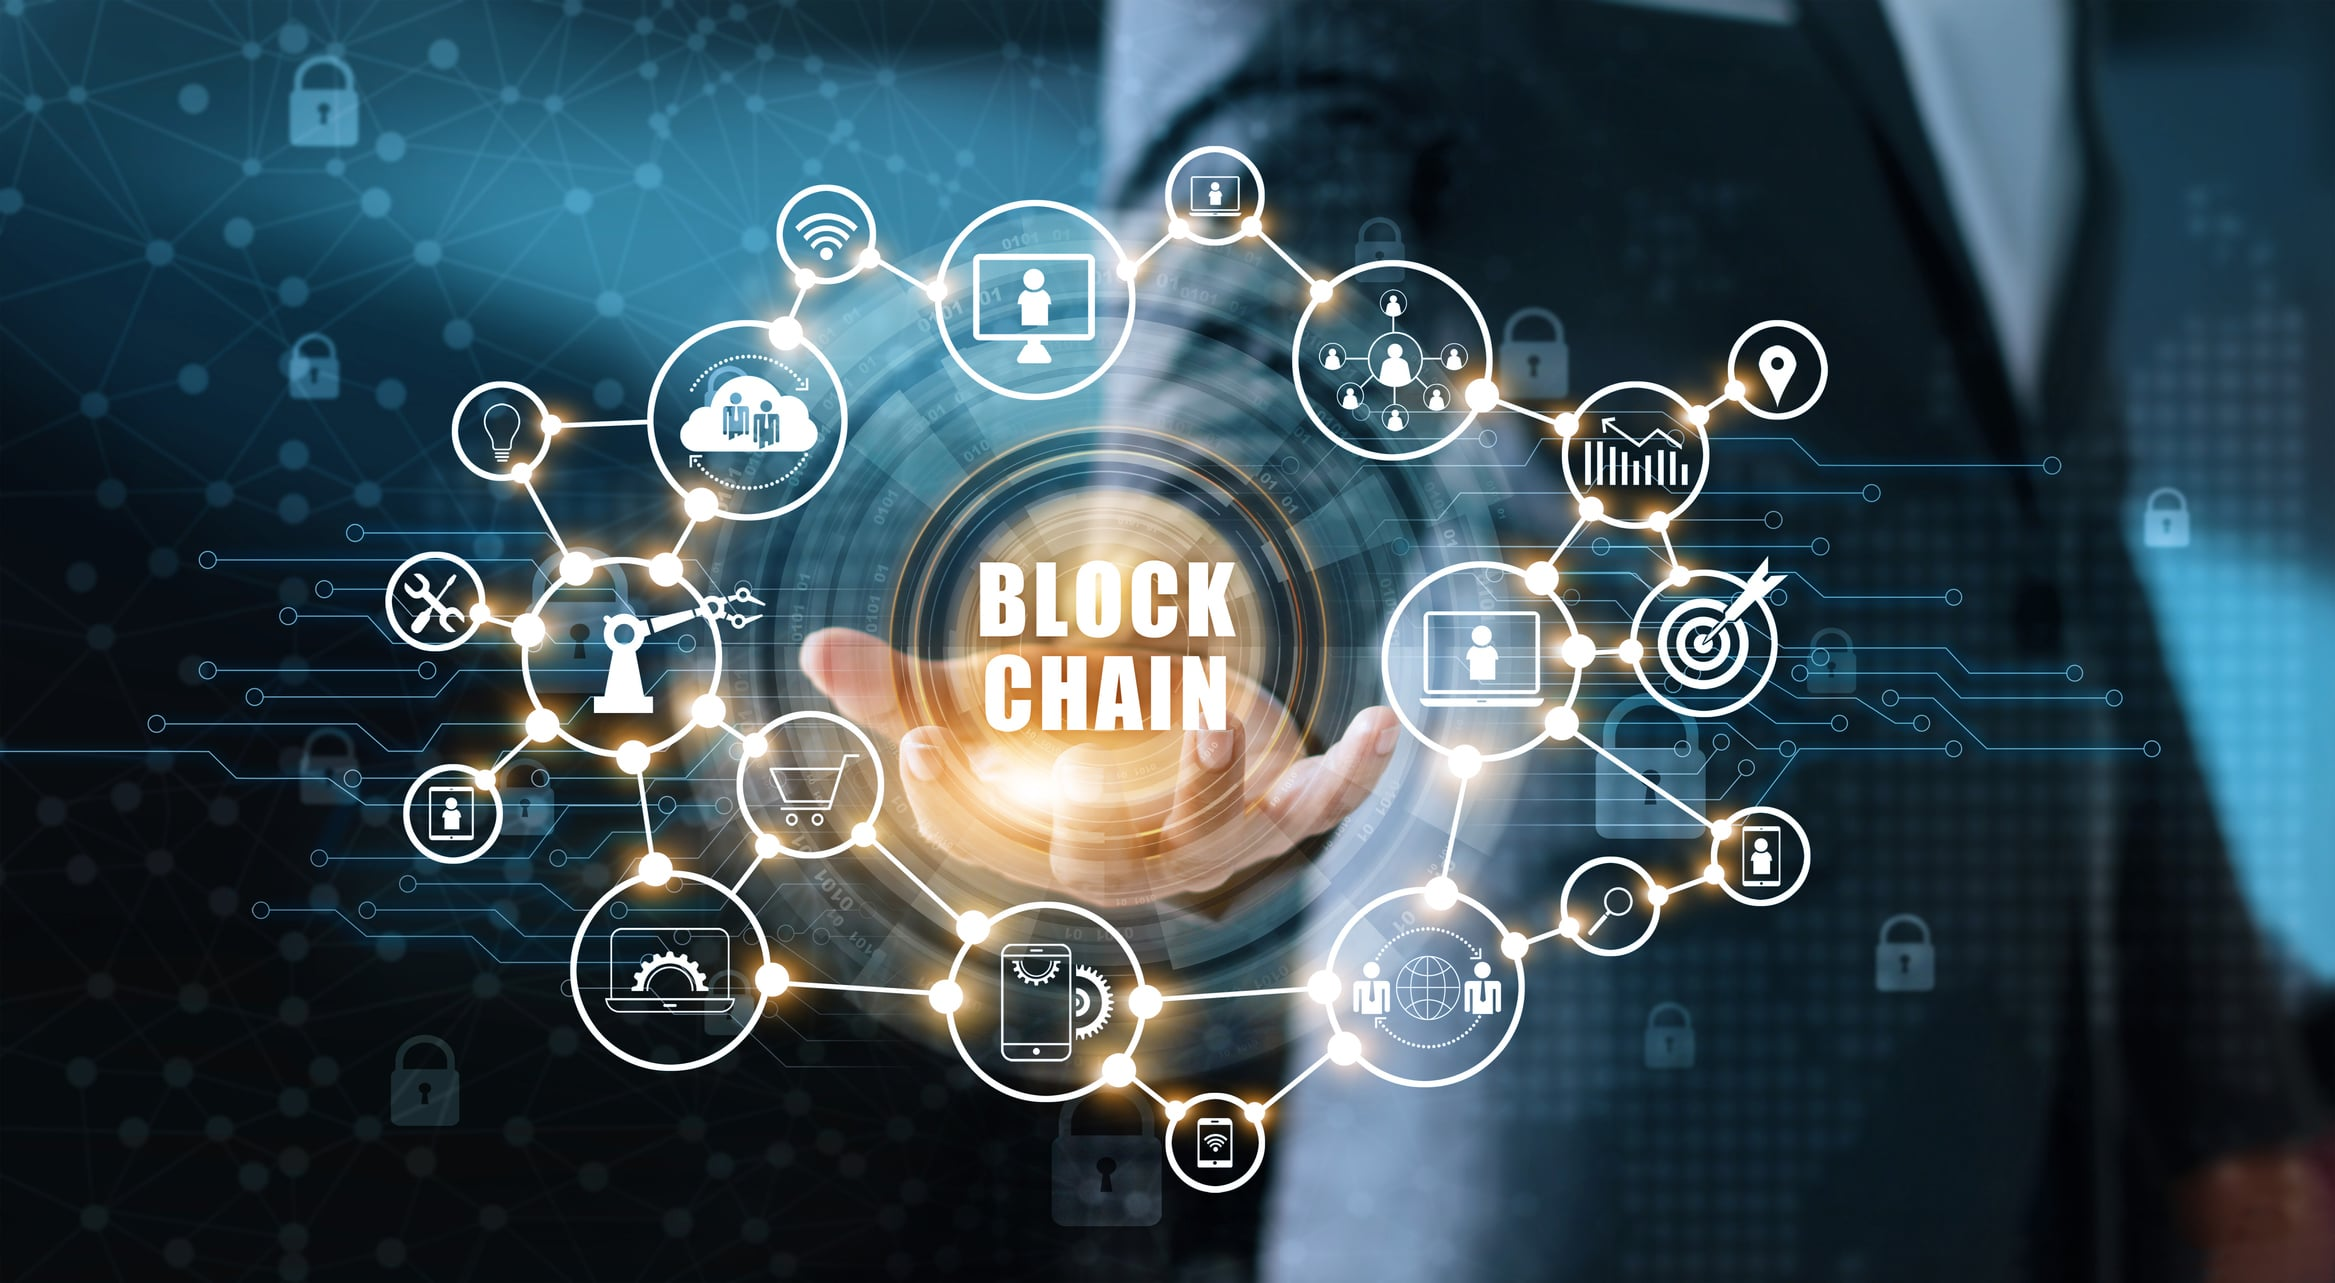 Come la blockchain può favorire lo sviluppo economico globale. L'applicazione nella farmaceutica